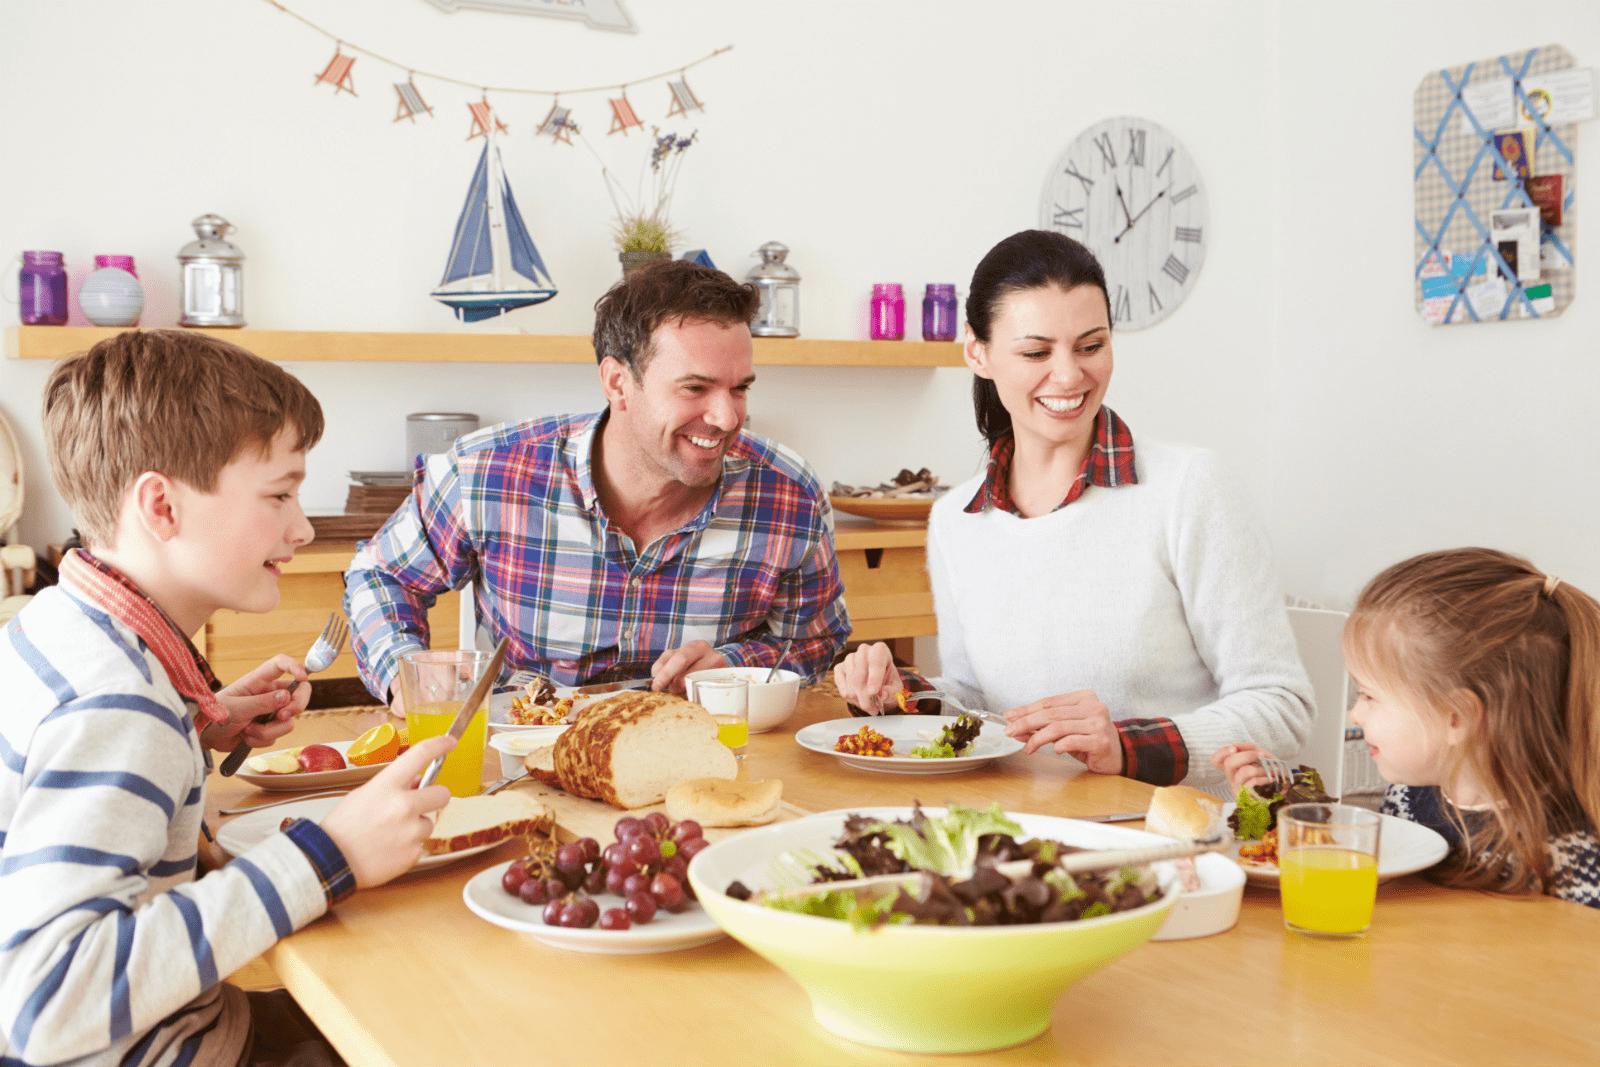 La importància de menjar en família